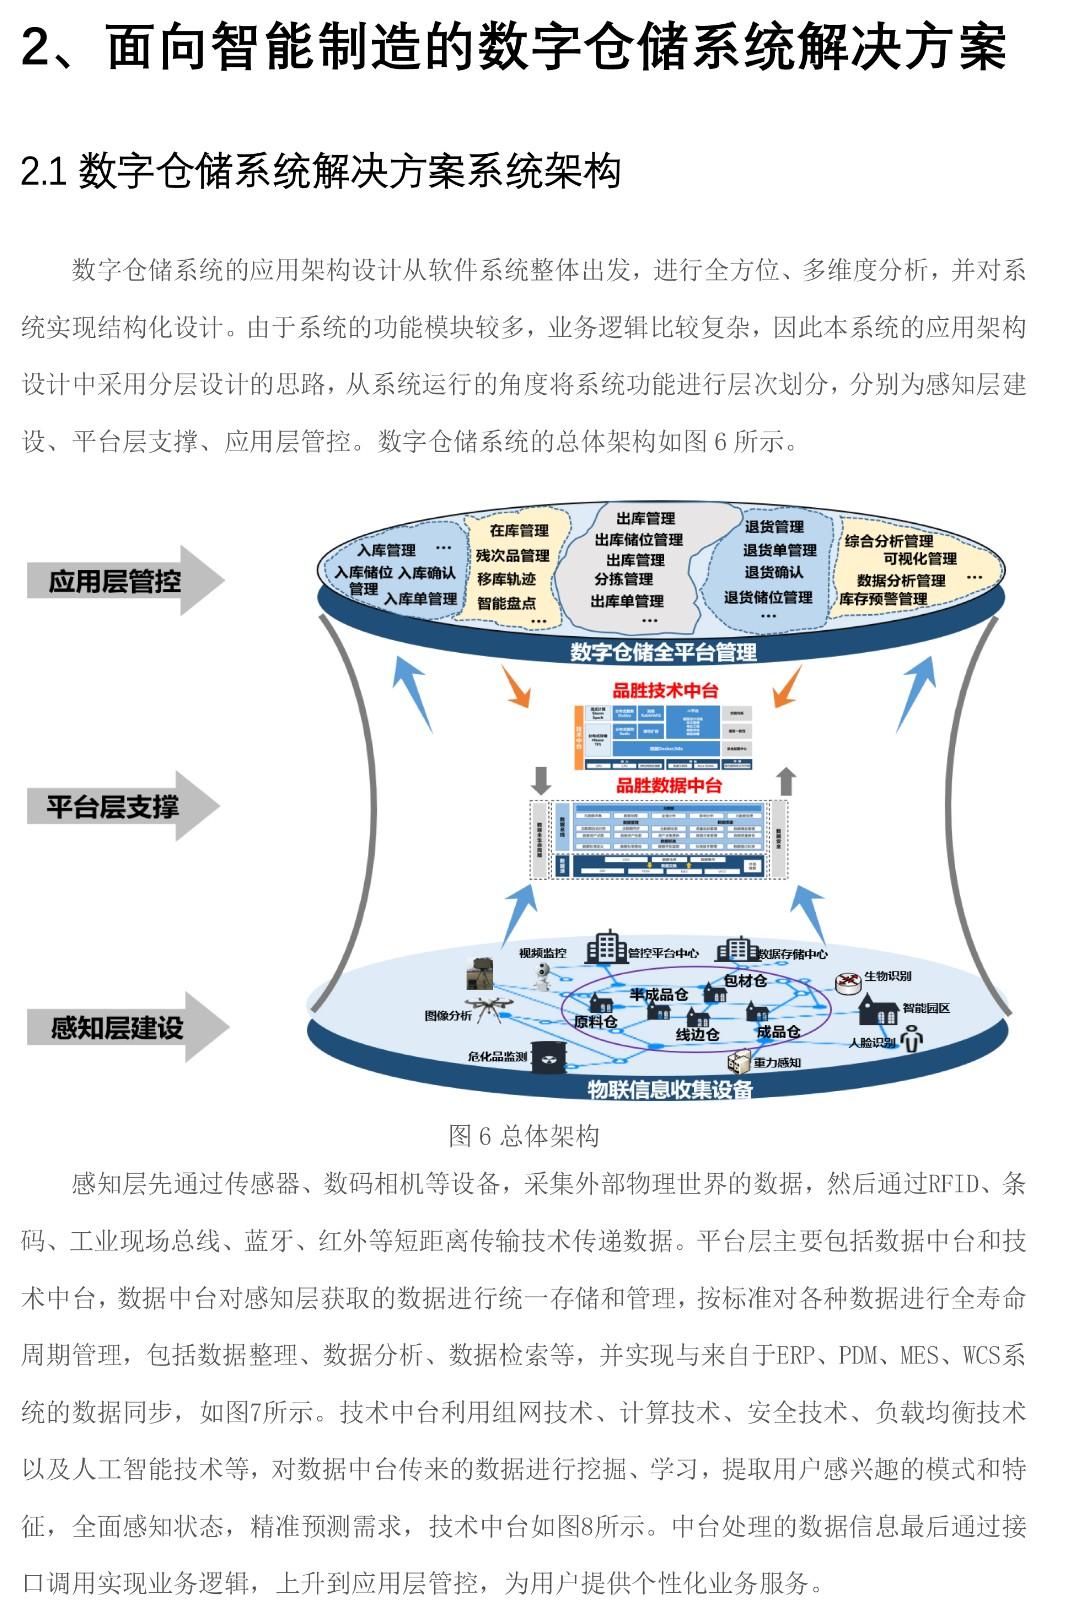 面向智能制造的数字仓储系统解决方案-白皮书V2-7 拷贝.jpg